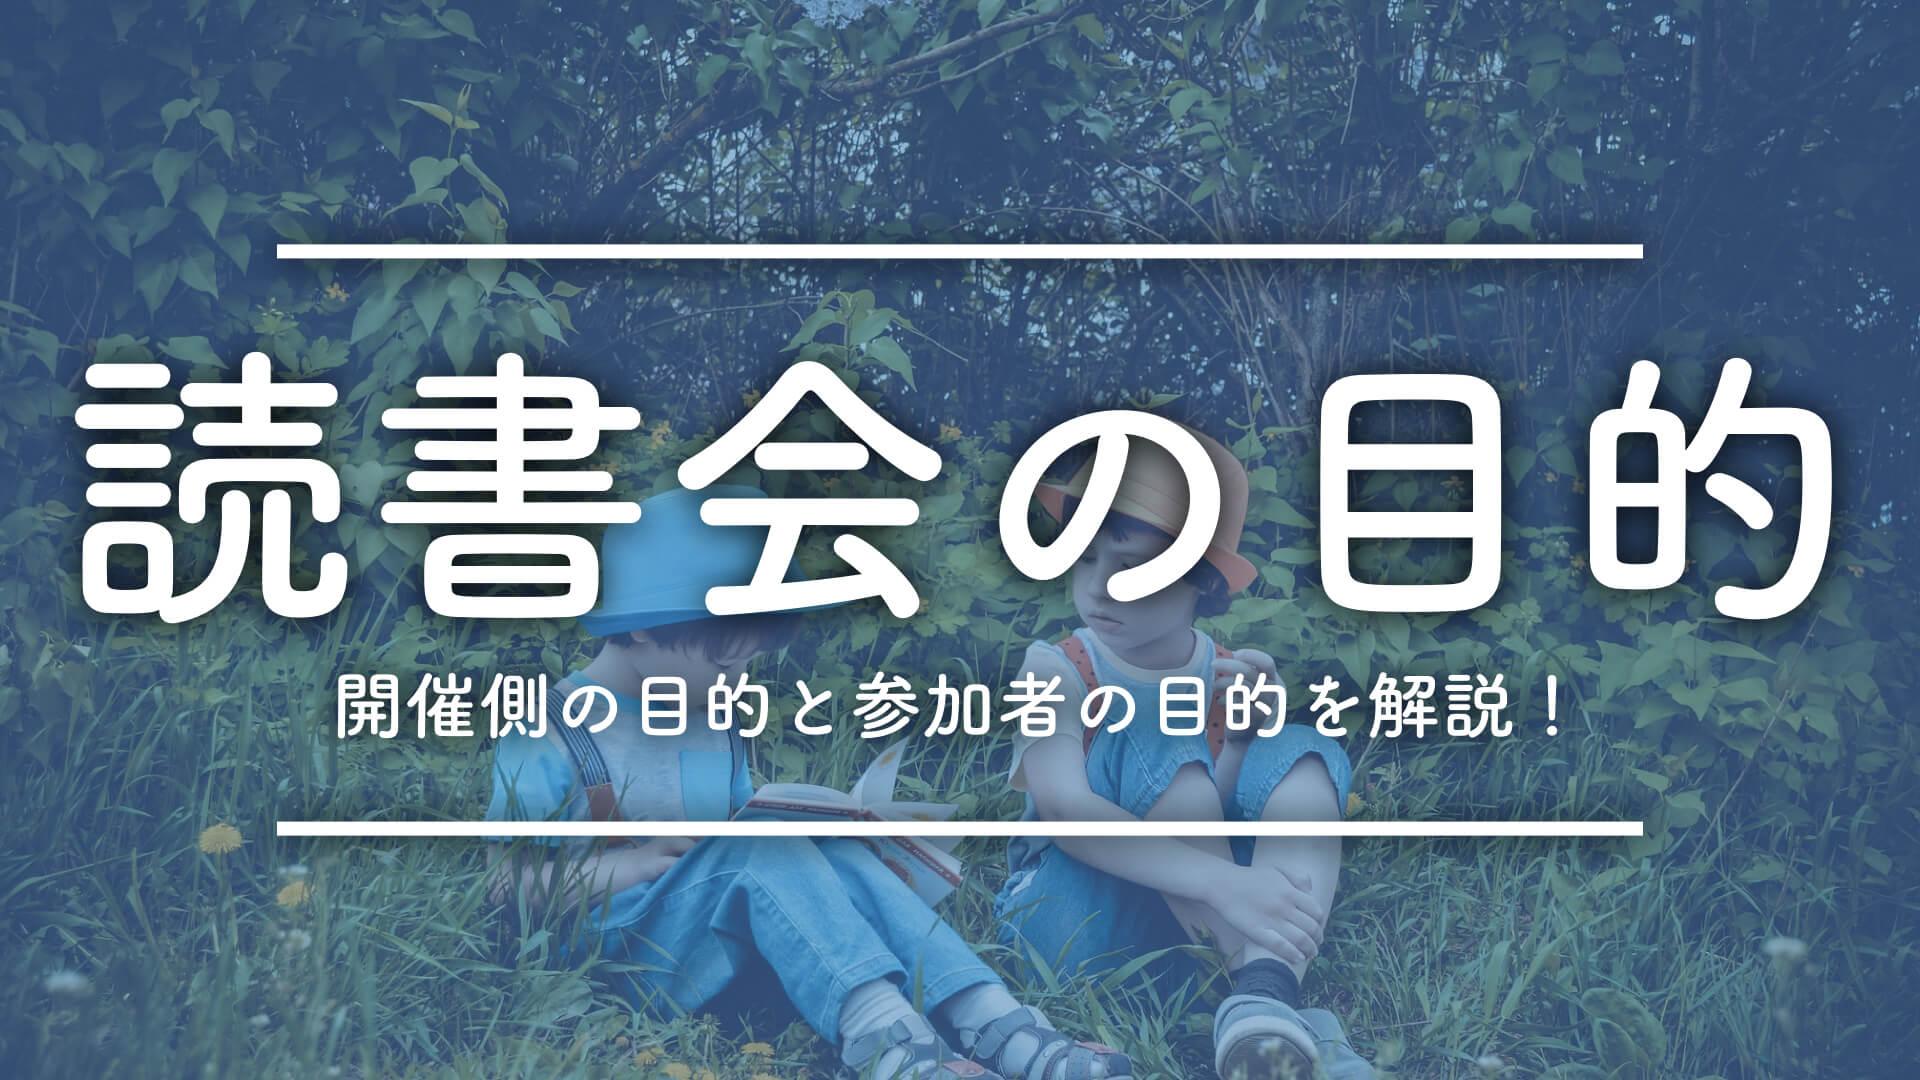 【読書会の目的】開催側の目的と参加者の目的を解説!